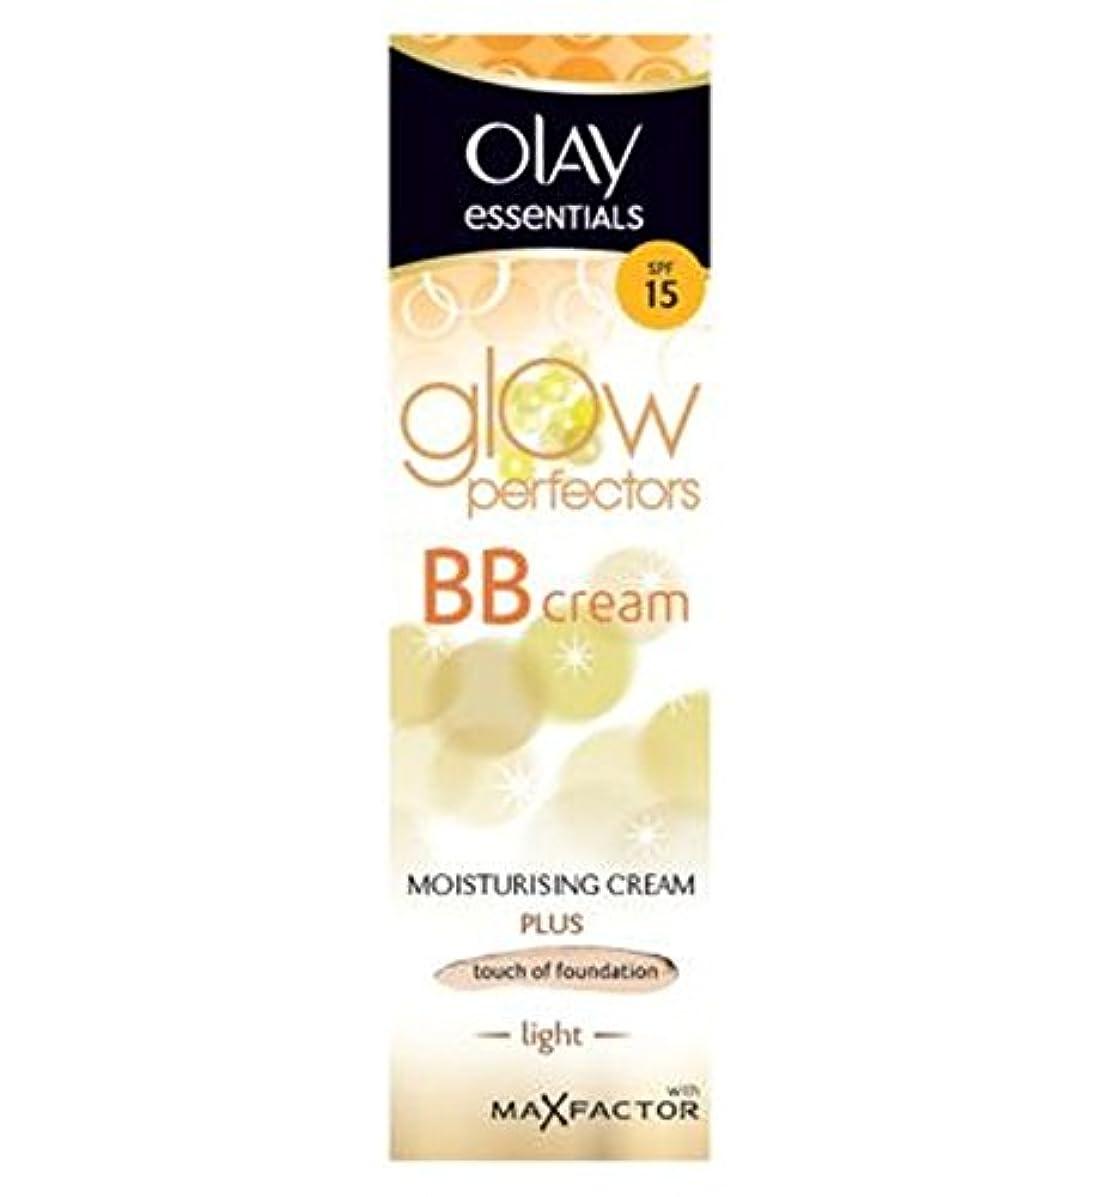 熱狂的な羊の決定Olay Complete BB Cream SPF15 Skin Perfecting Tinted Moisturiser 50ml - Fair - 着色保湿50ミリリットルを完成オーレイ完全なBbクリームSpf15スキン - フェア (Olay) [並行輸入品]